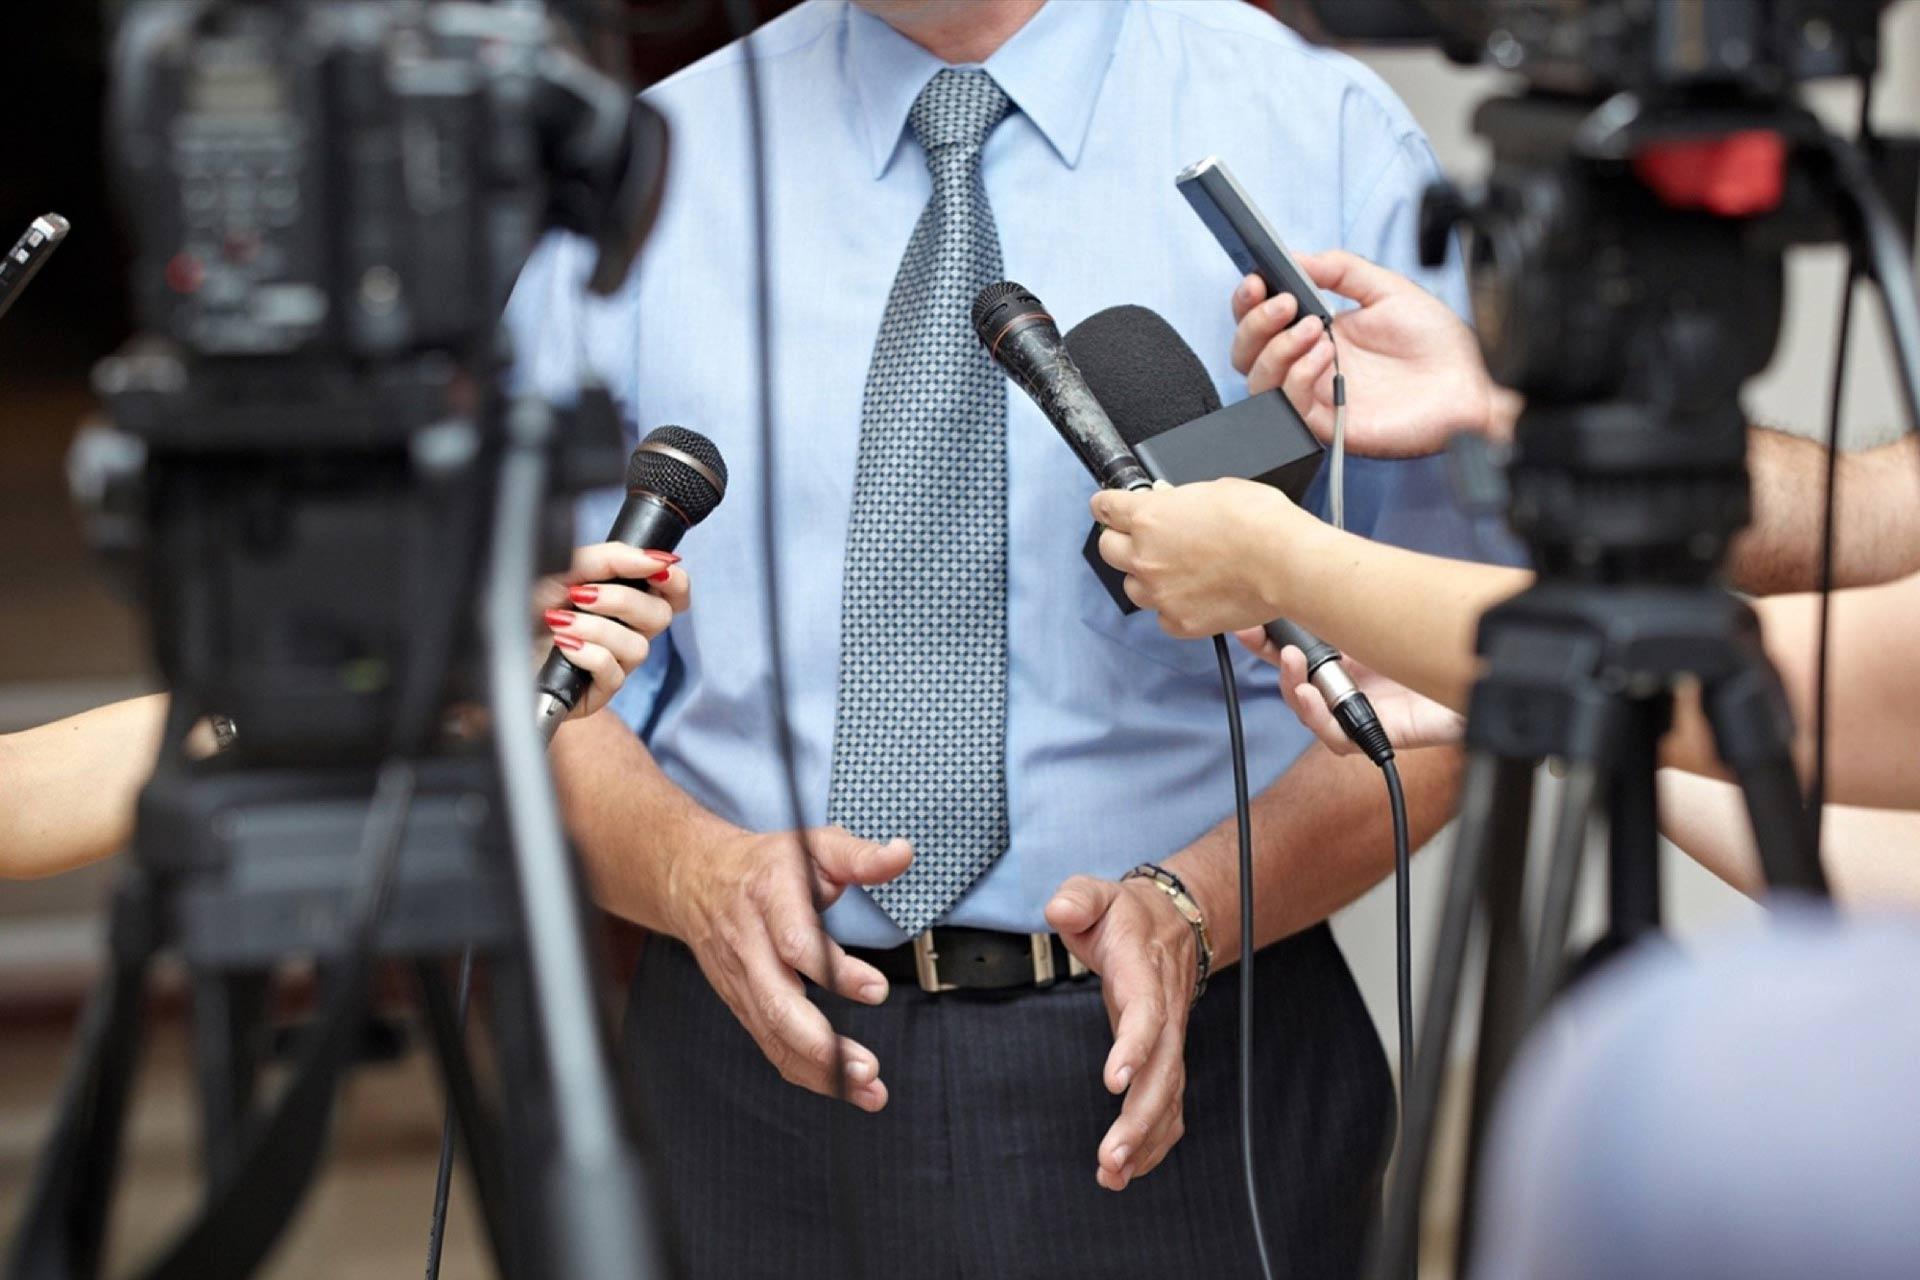 Выборы-2021. ЦИК огласила дату, когда СМИ запрещается публиковать опросы